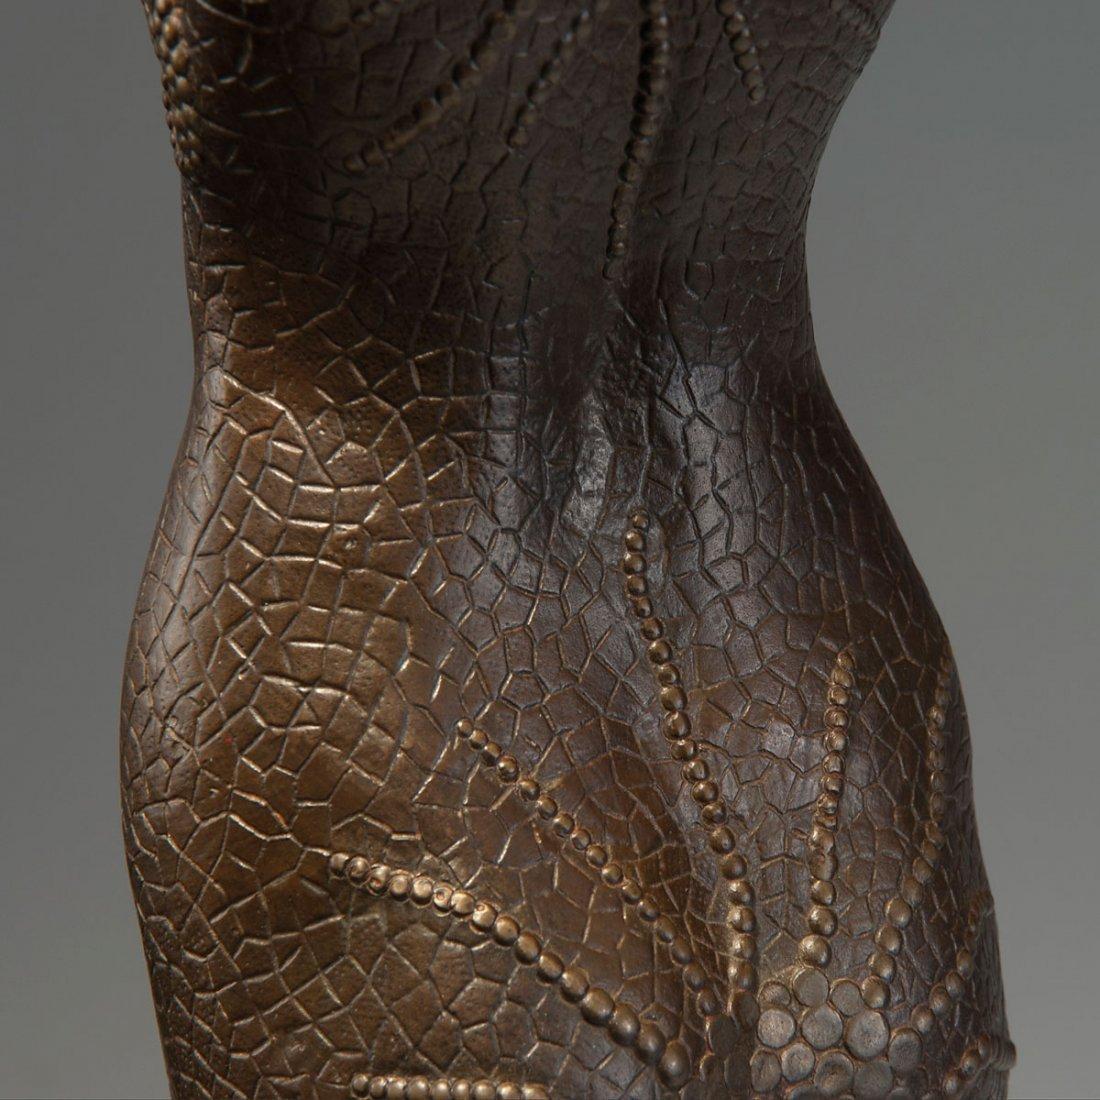 19: 'Etoile de mer' (Starfish), c1928 - 8